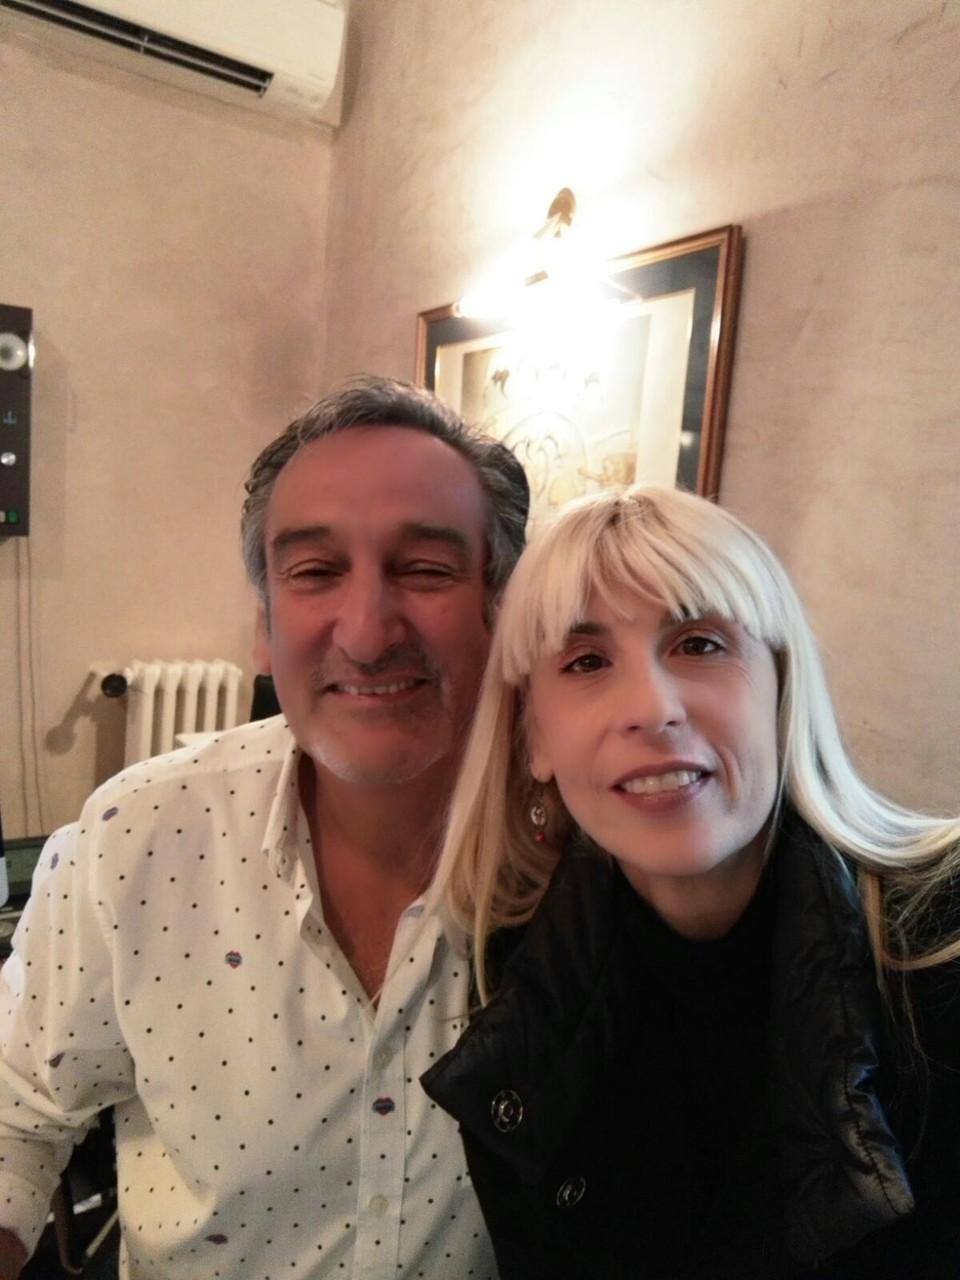 Nizza, io ed il famoso dottor Sa'Id nella realtà, febbraio 2016